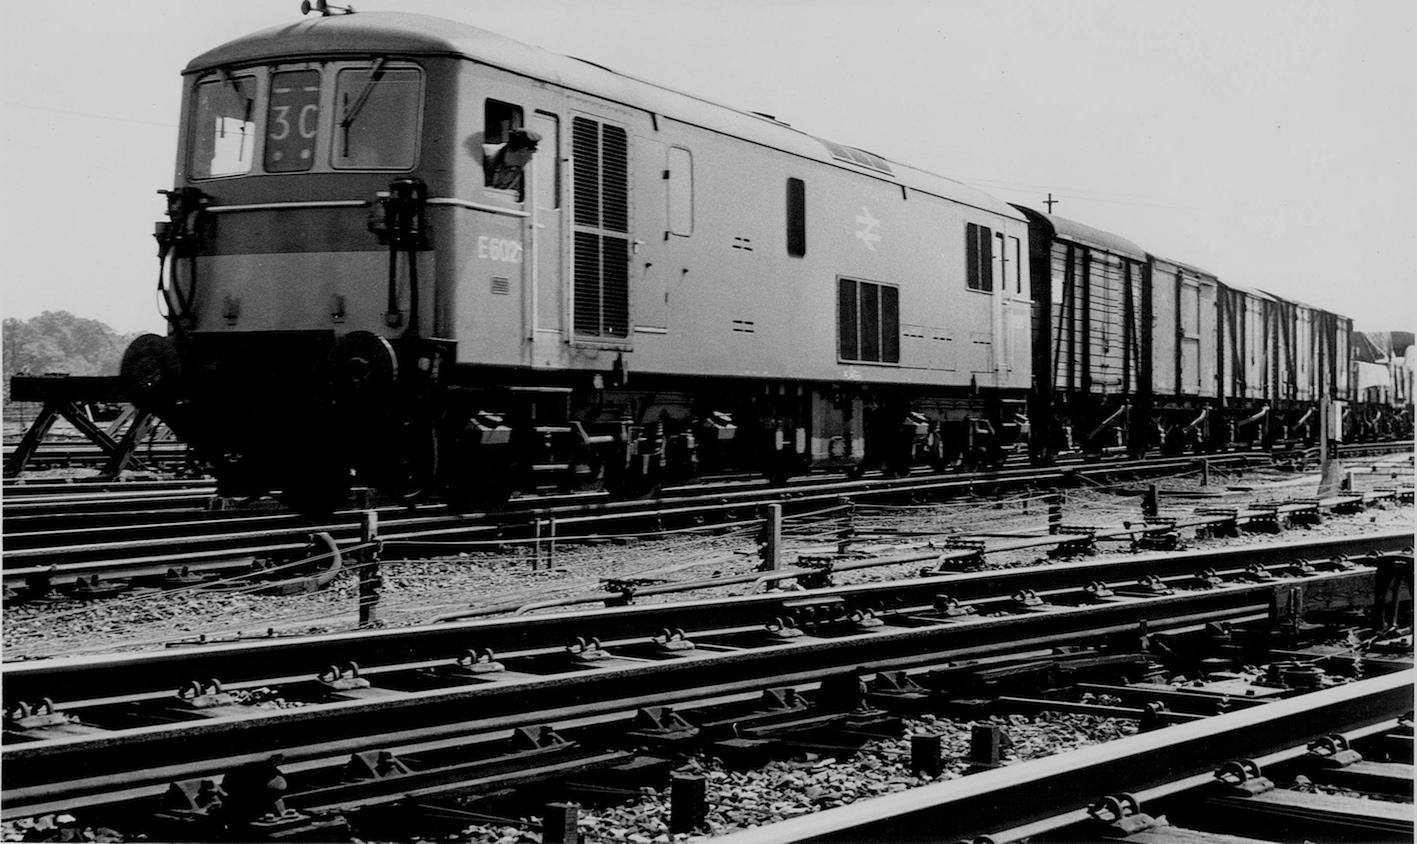 EE Class 73:2 No 6021